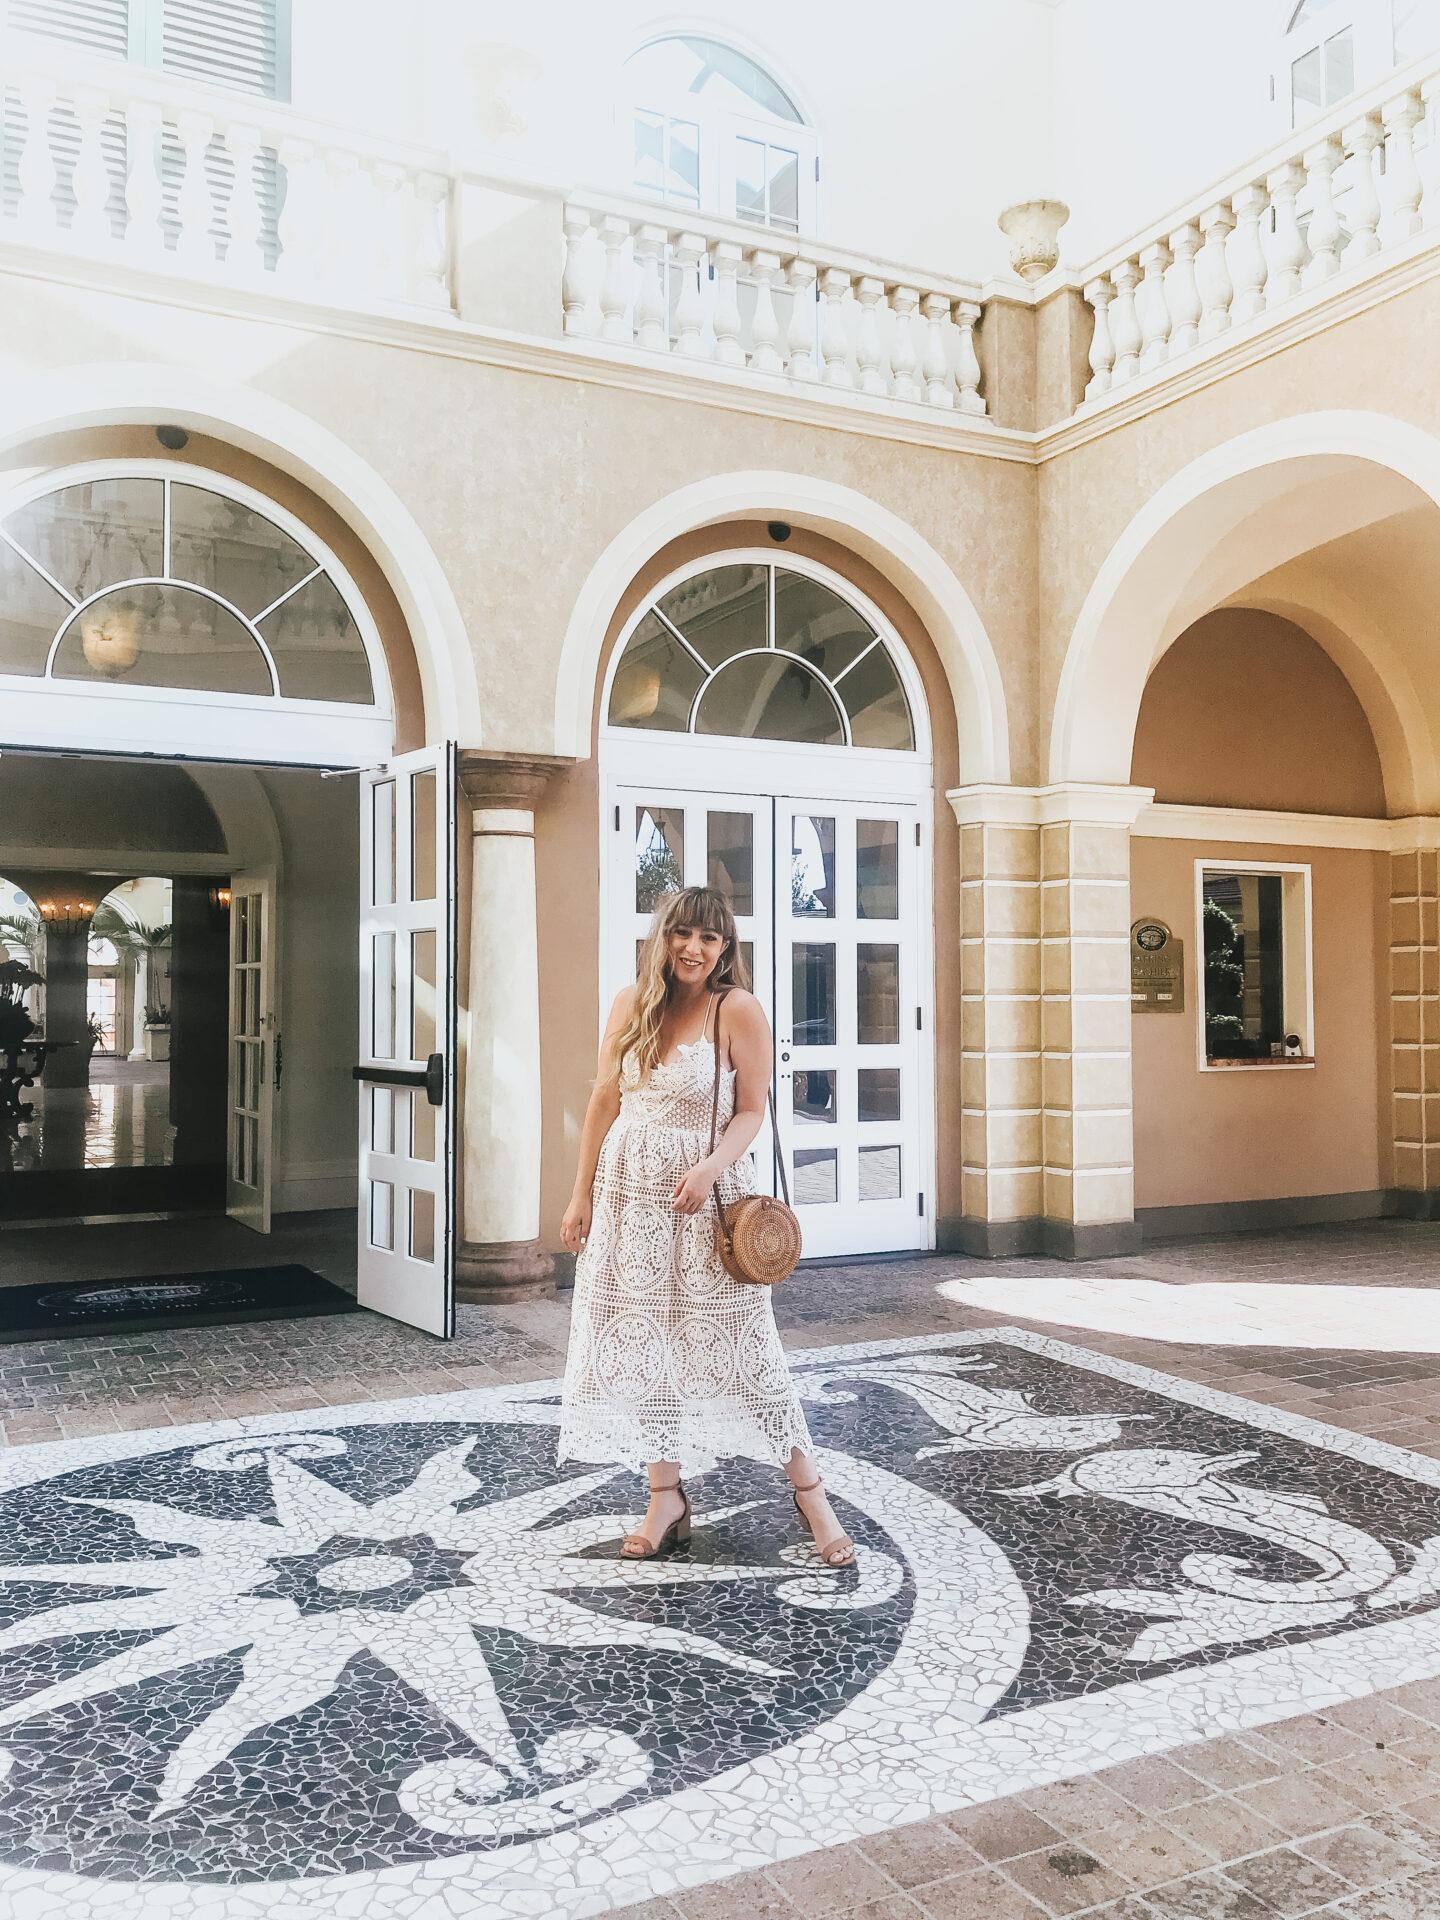 Loews-Portofino-Bay-Property-Stephanie-Pernas